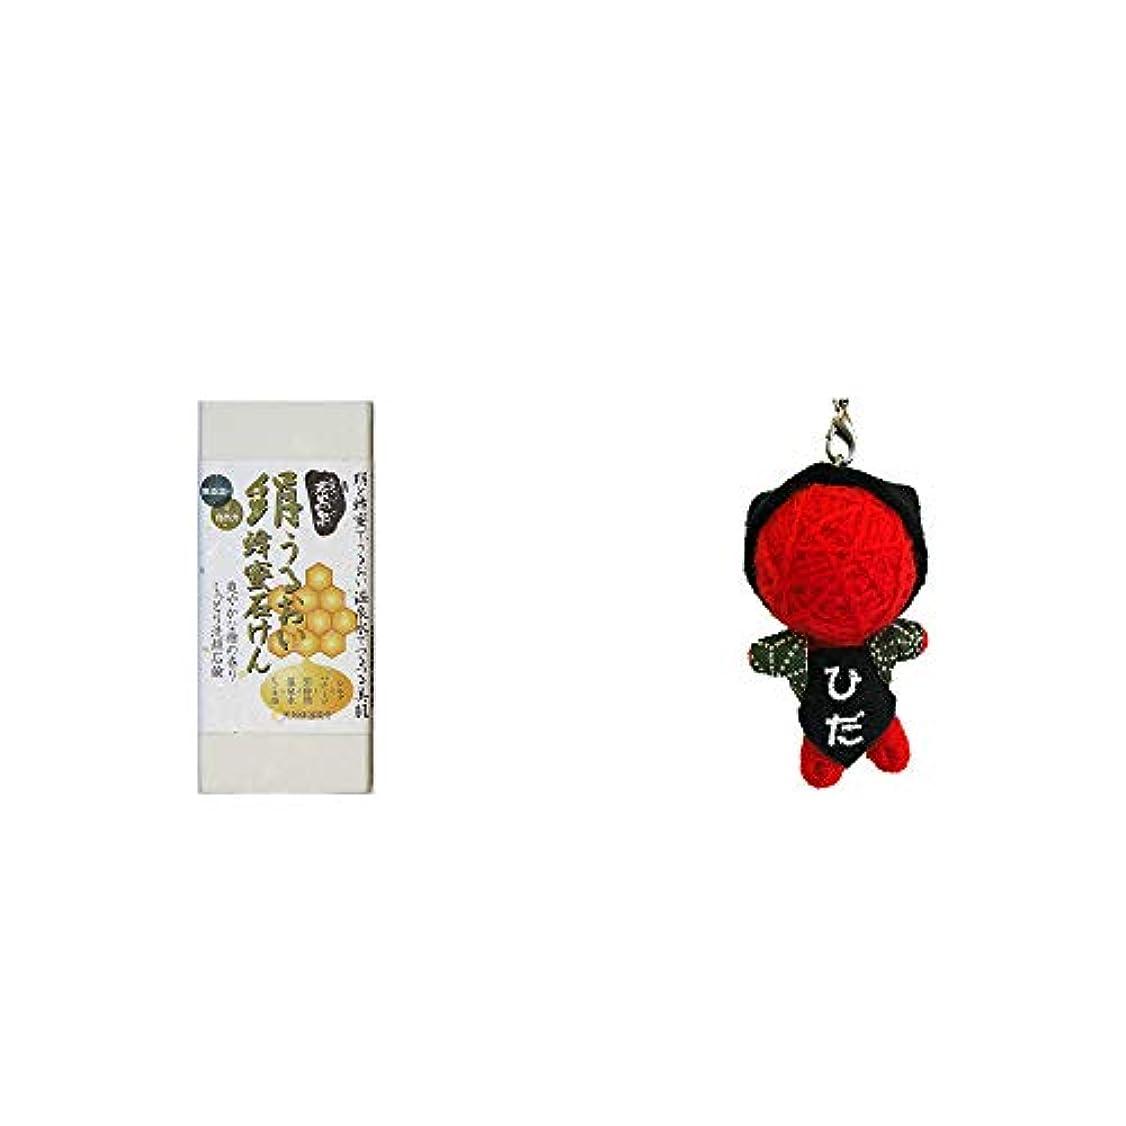 聞きます蓄積する色合い[2点セット] ひのき炭黒泉 絹うるおい蜂蜜石けん(75g×2)?ハッピー さるぼぼドール ブドゥドール(ストラップ) / 魔除け?身代わり人形 //